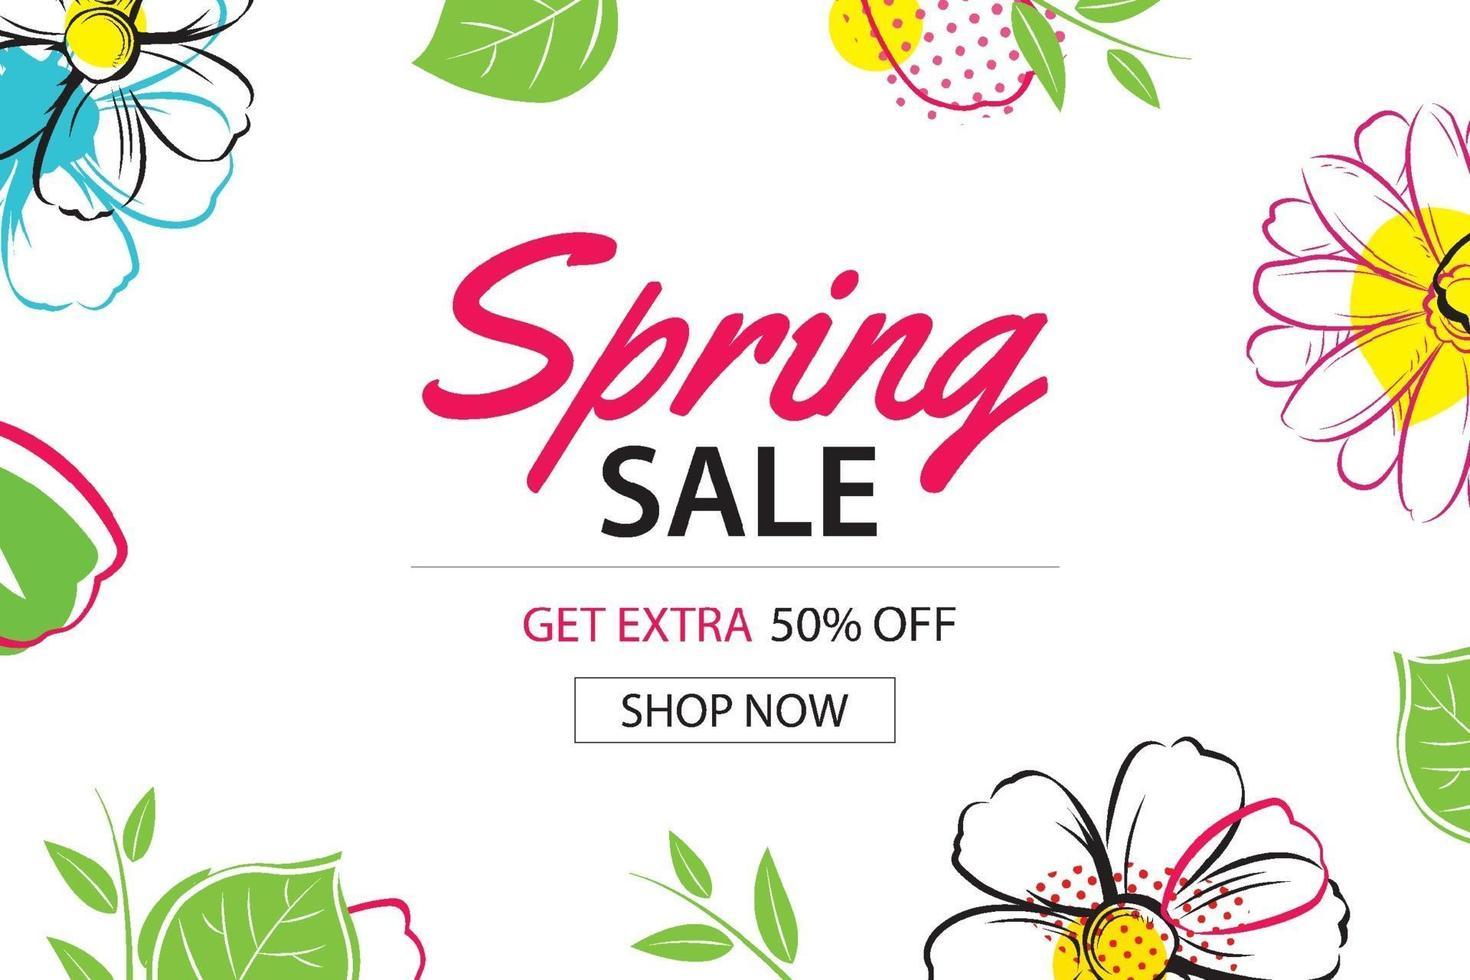 vår försäljning affisch mall med färgglada blommor bakgrund. kan användas för kupong, tapeter, flygblad, inbjudan, broschyr, kupongrabatt. vektor